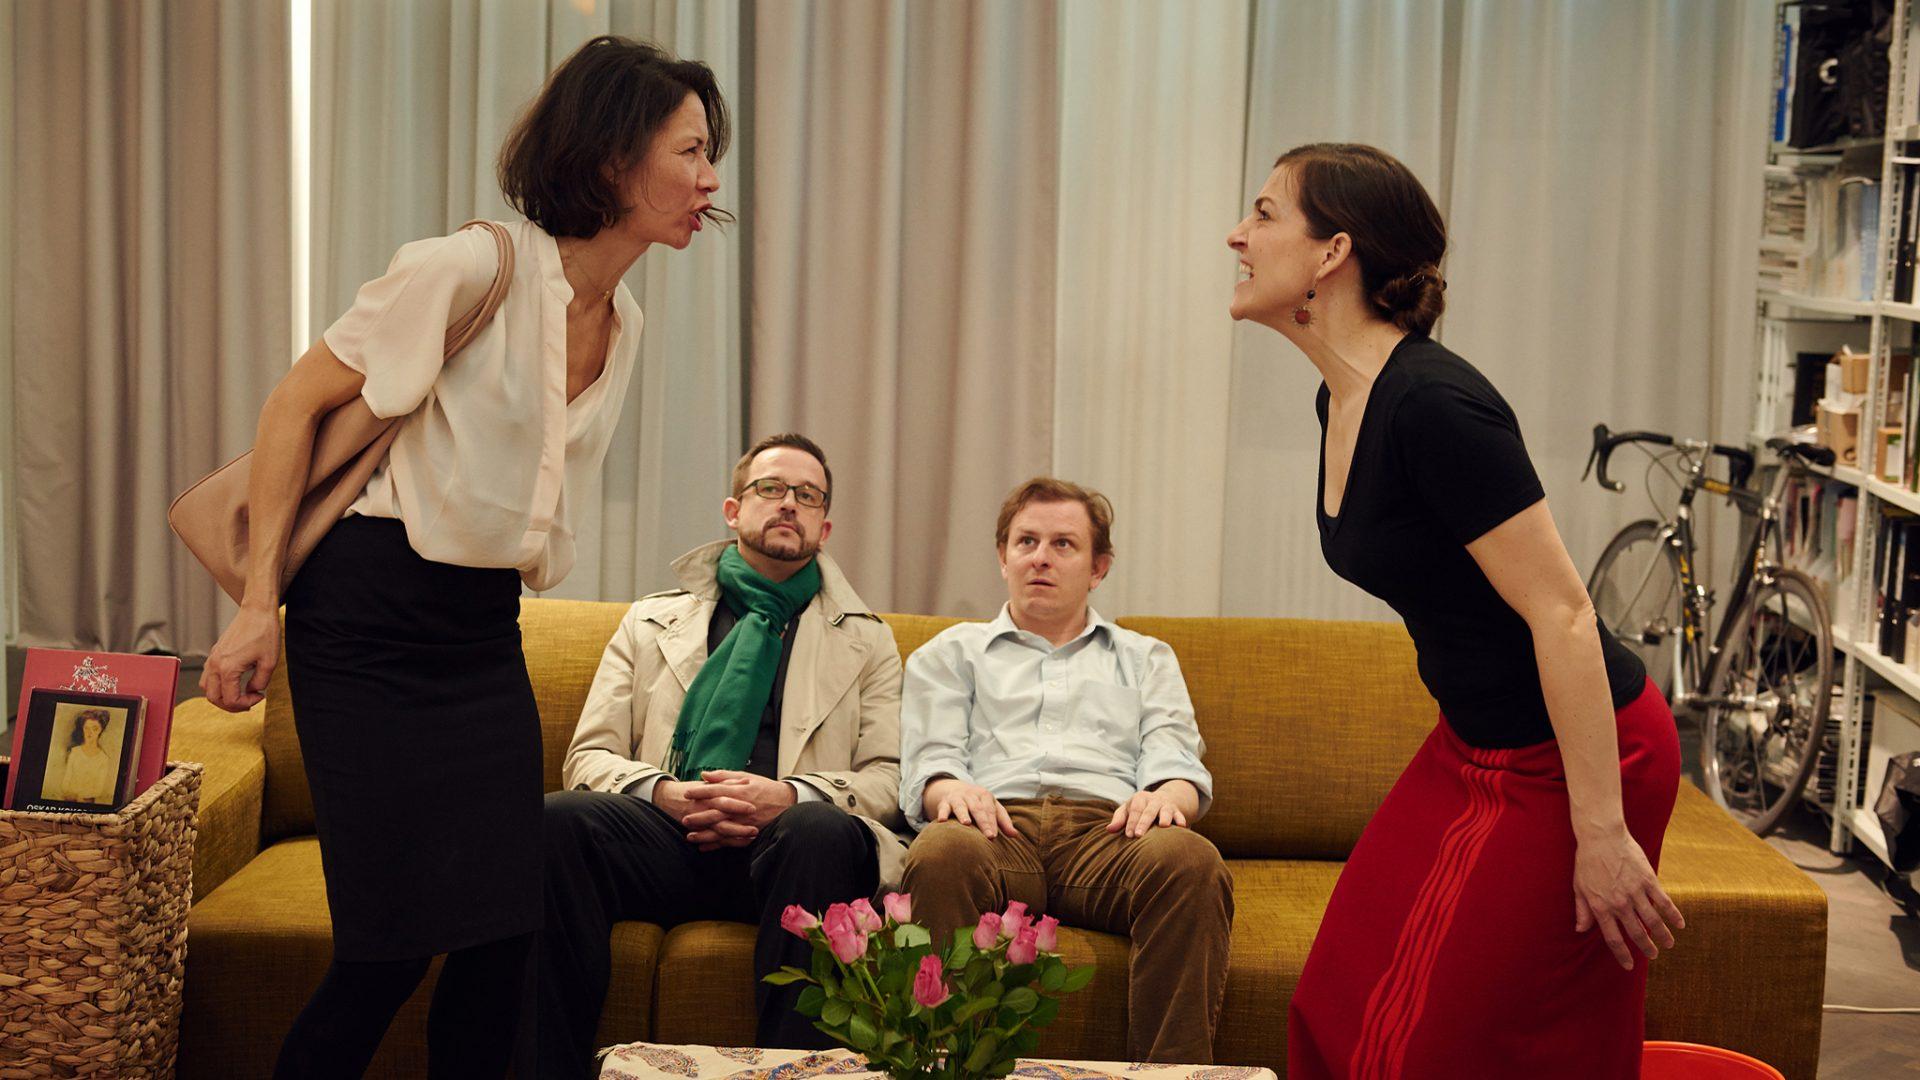 theater-im-wohnzimmer-entertainment-zuhause-salon-03